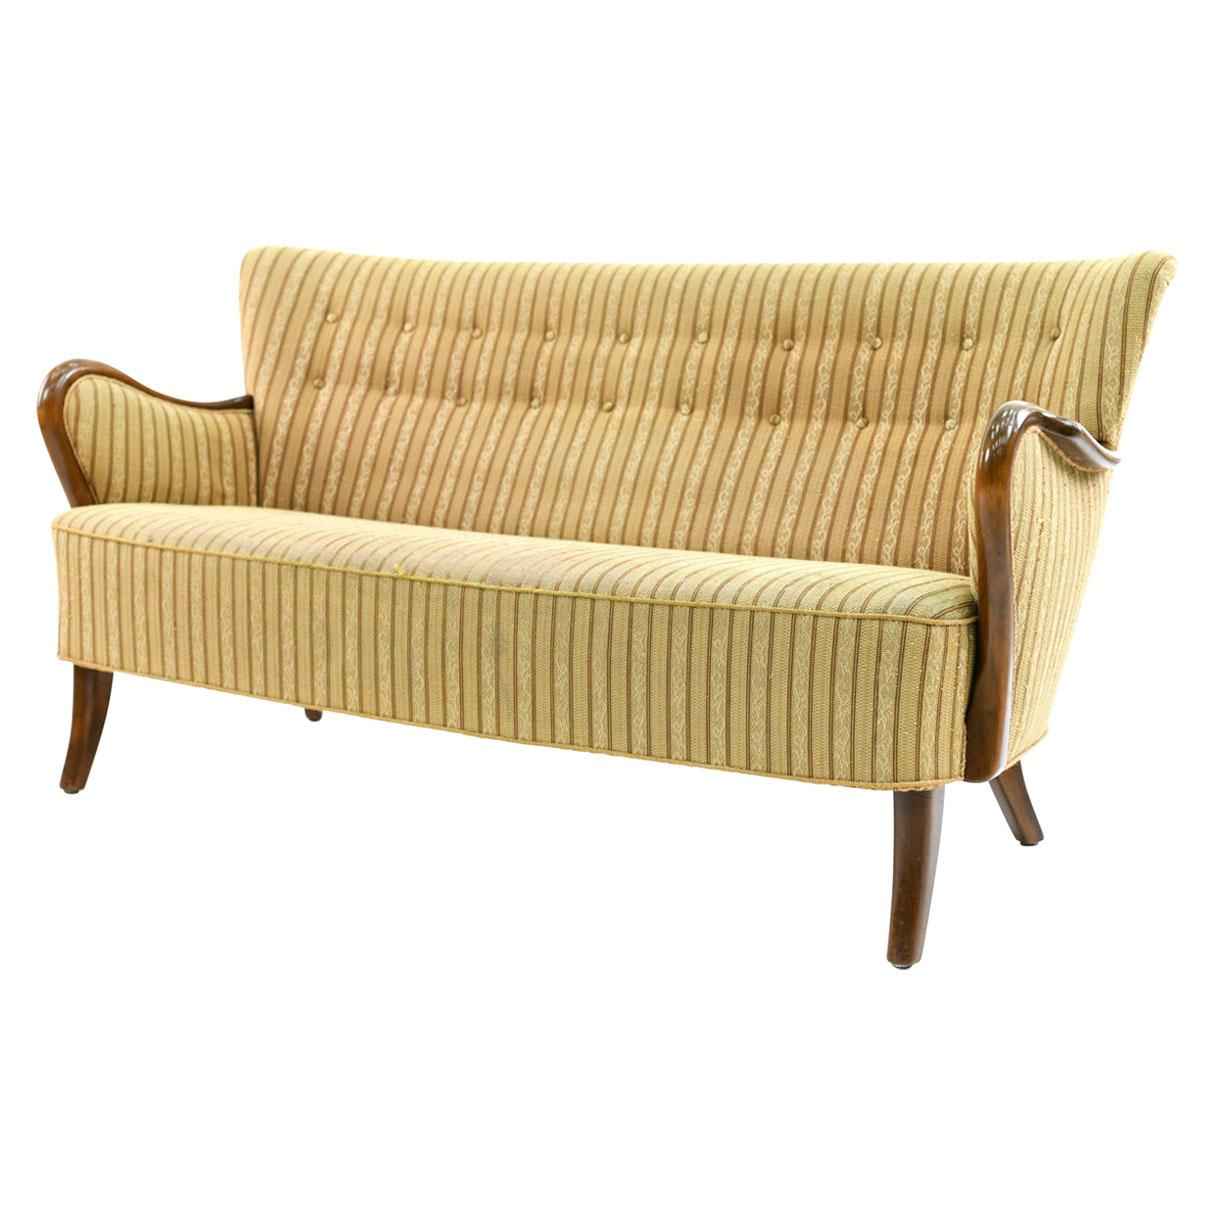 Danish 1940s Sofa by Alfred Christensen for Slagelse